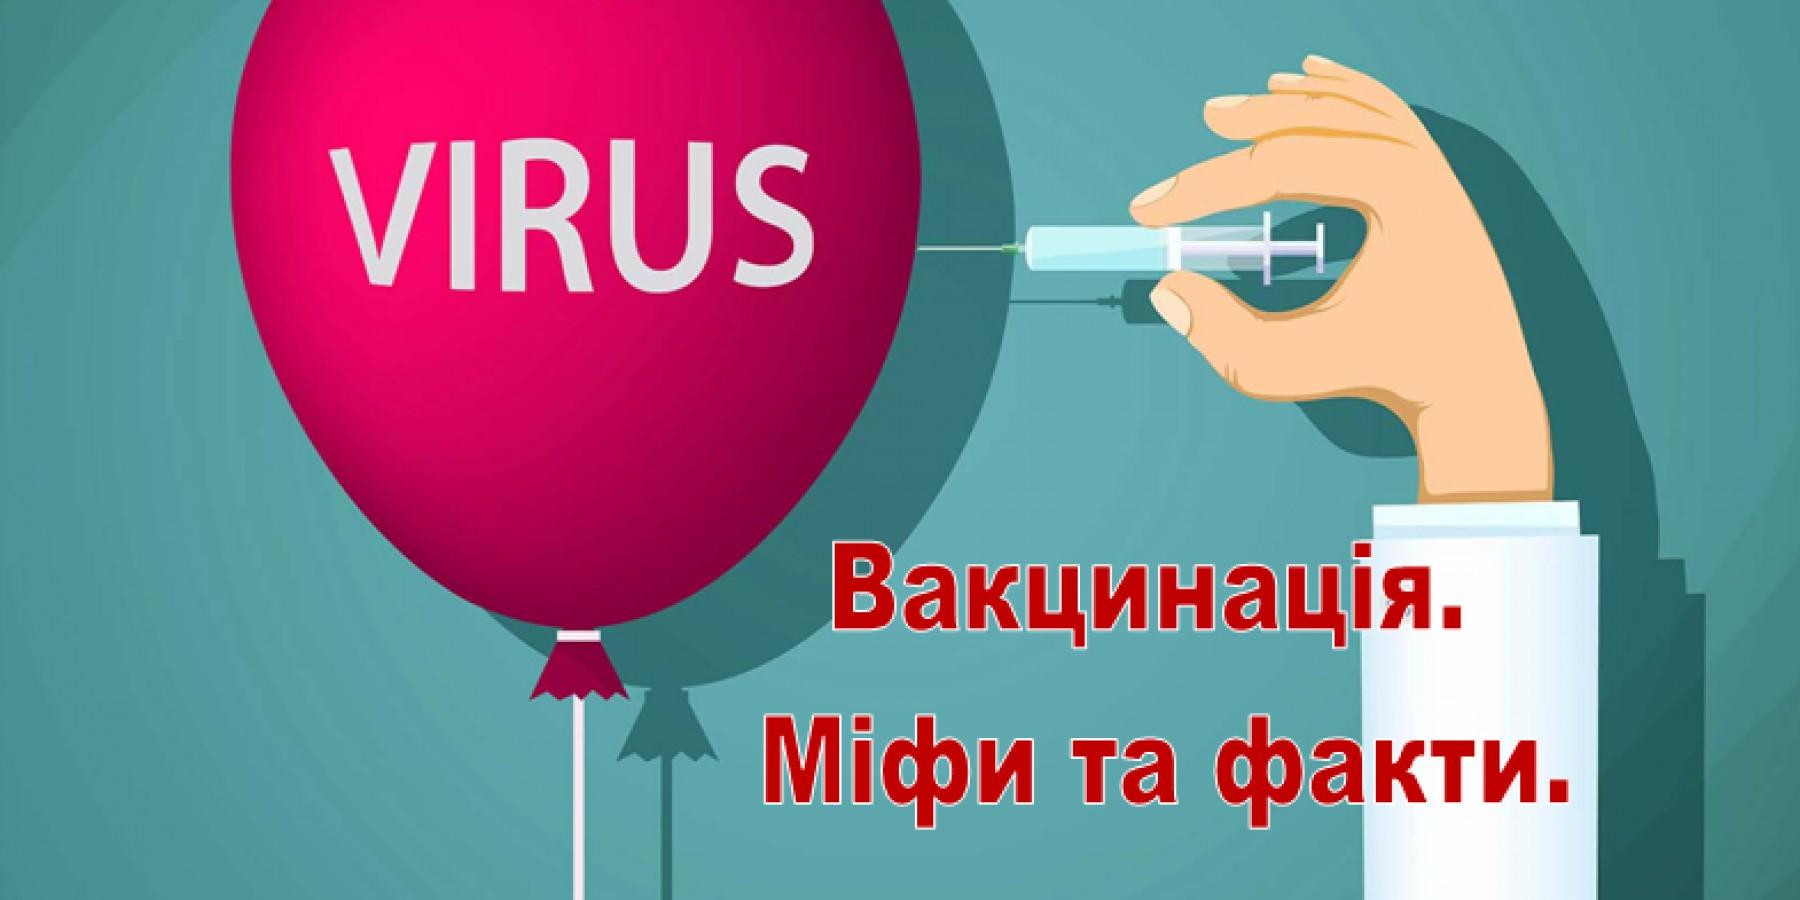 Вакцинація. Міфи та факти.